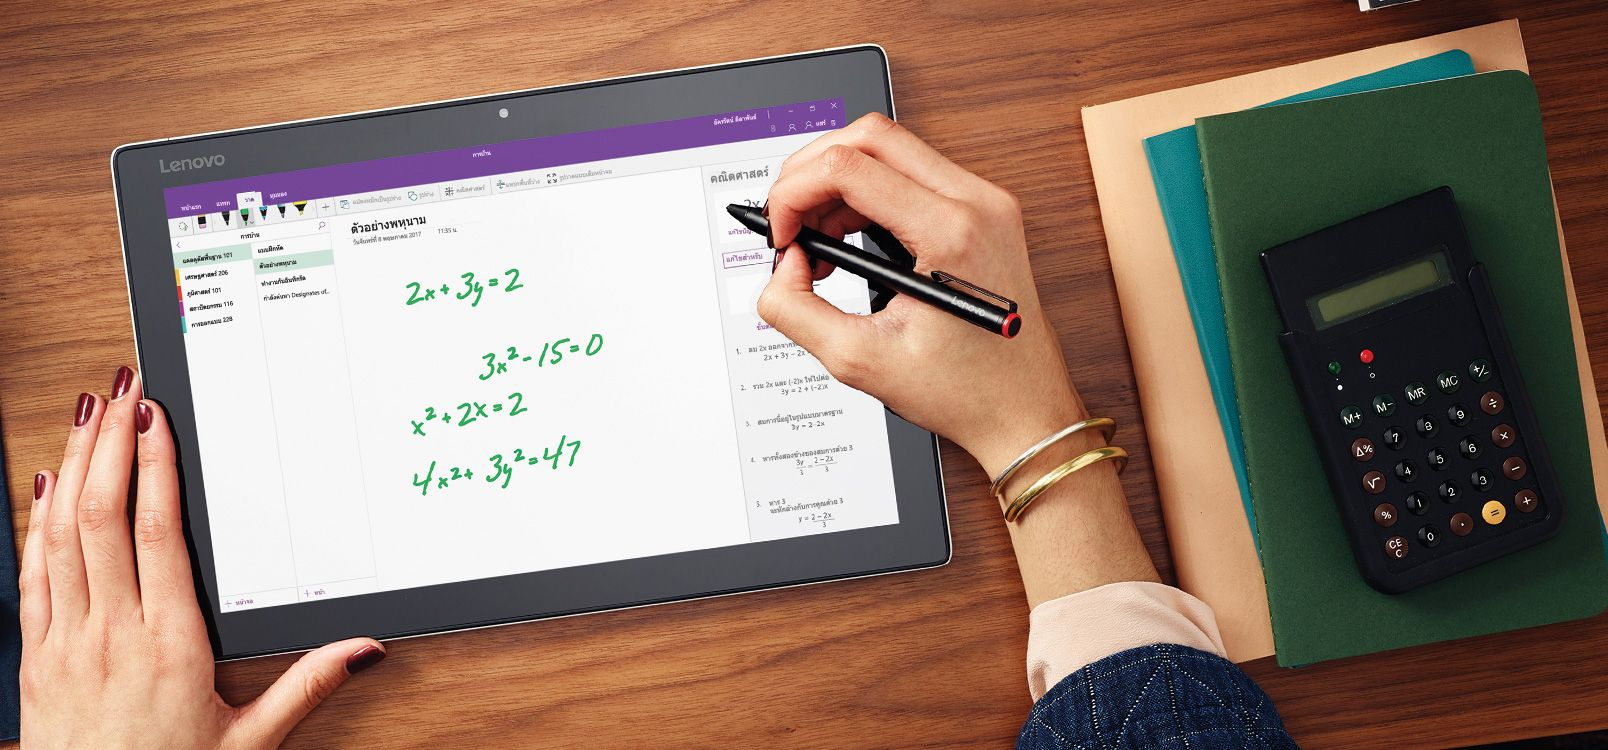 หน้าจอแท็บเล็ตแสดง OneNote ที่ใช้ตัวช่วยแปลงหมึกเป็นสมการคณิตศาสตร์